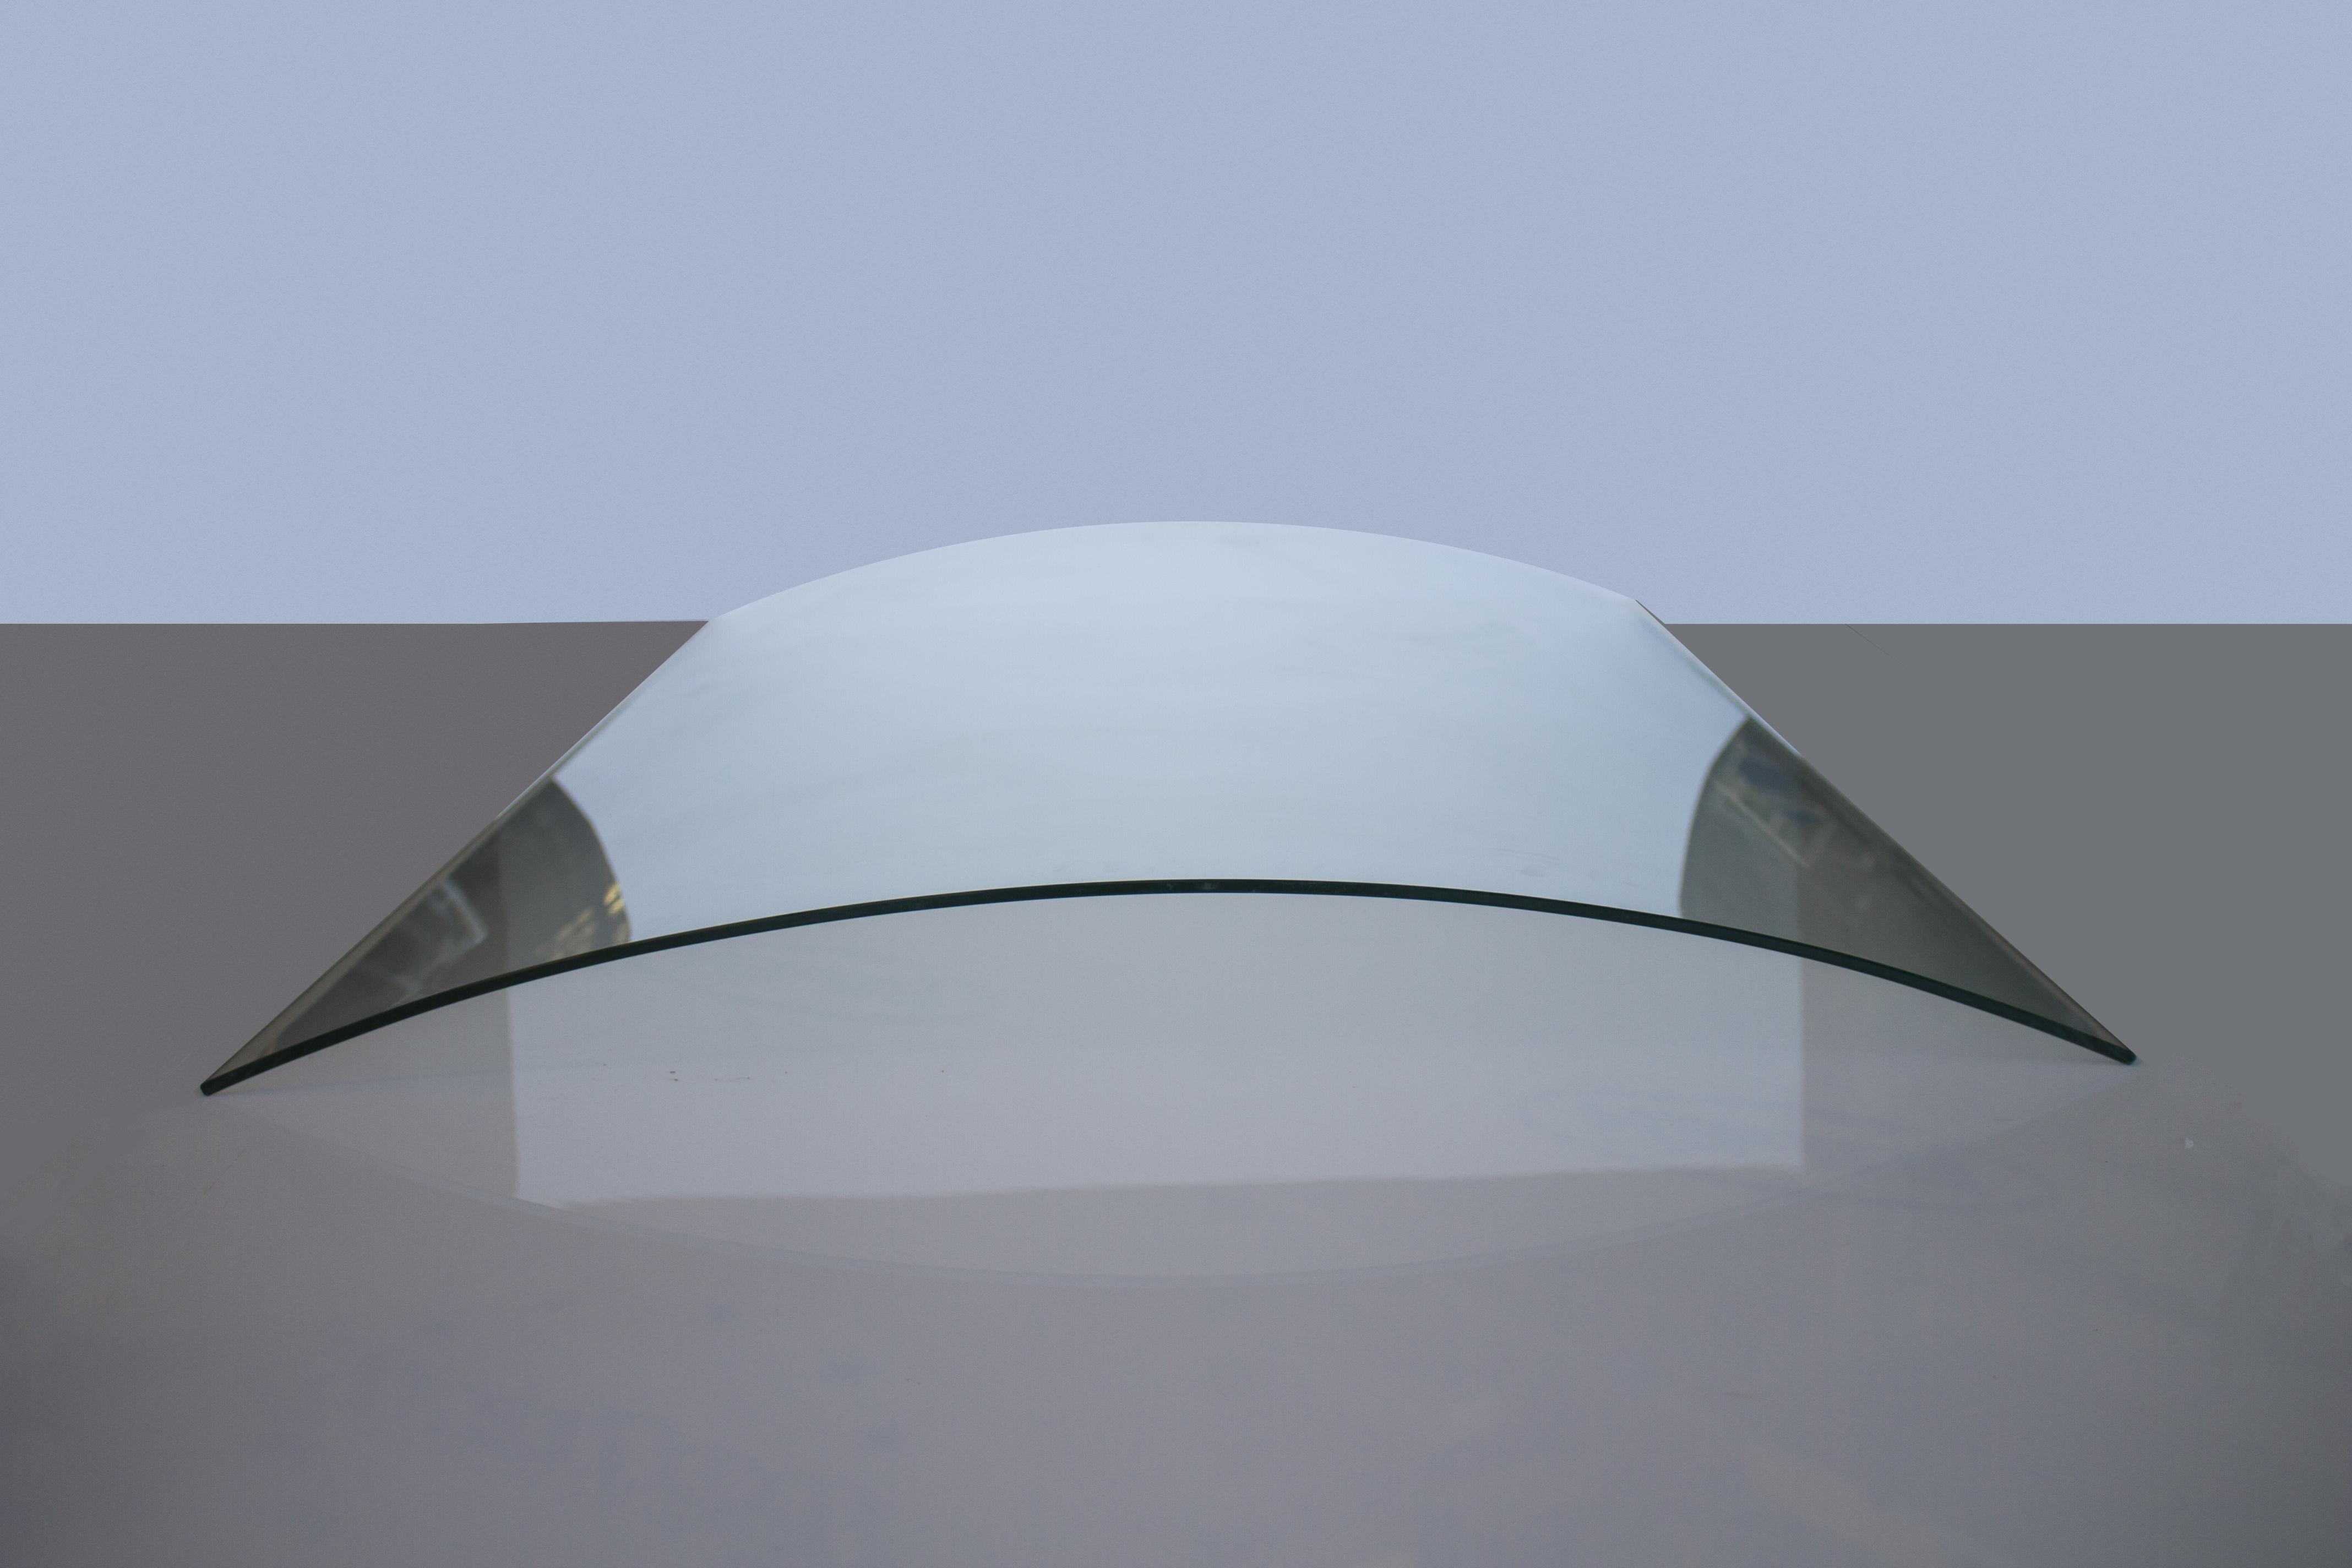 Imagen de vidrio templado curvo sin fondo